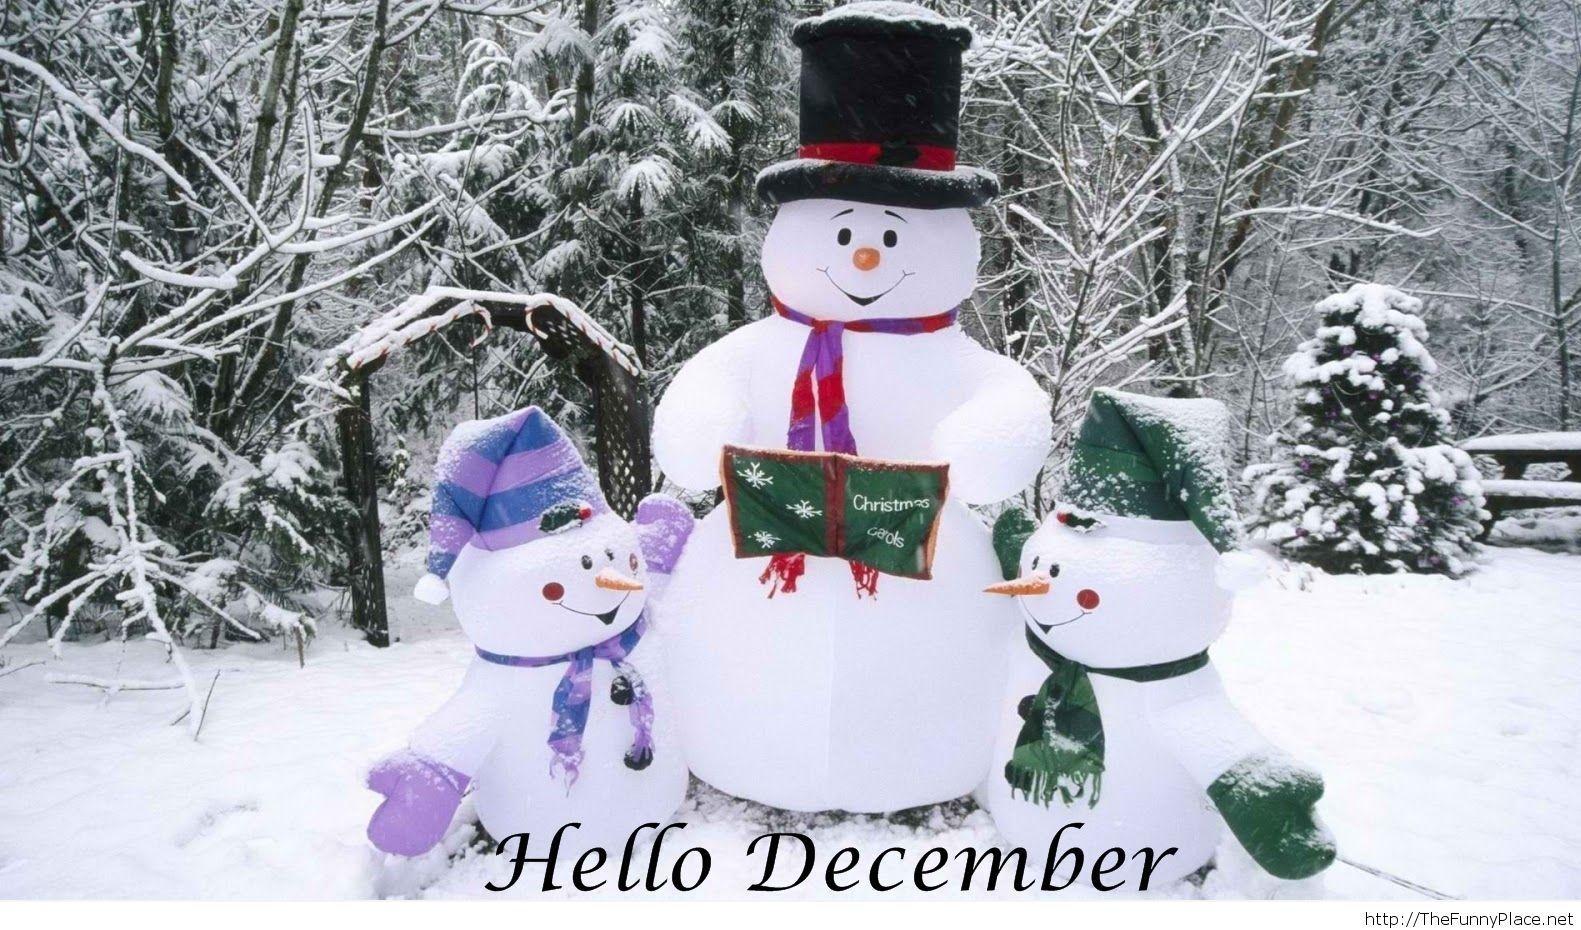 Hello december 2013 wallpaper